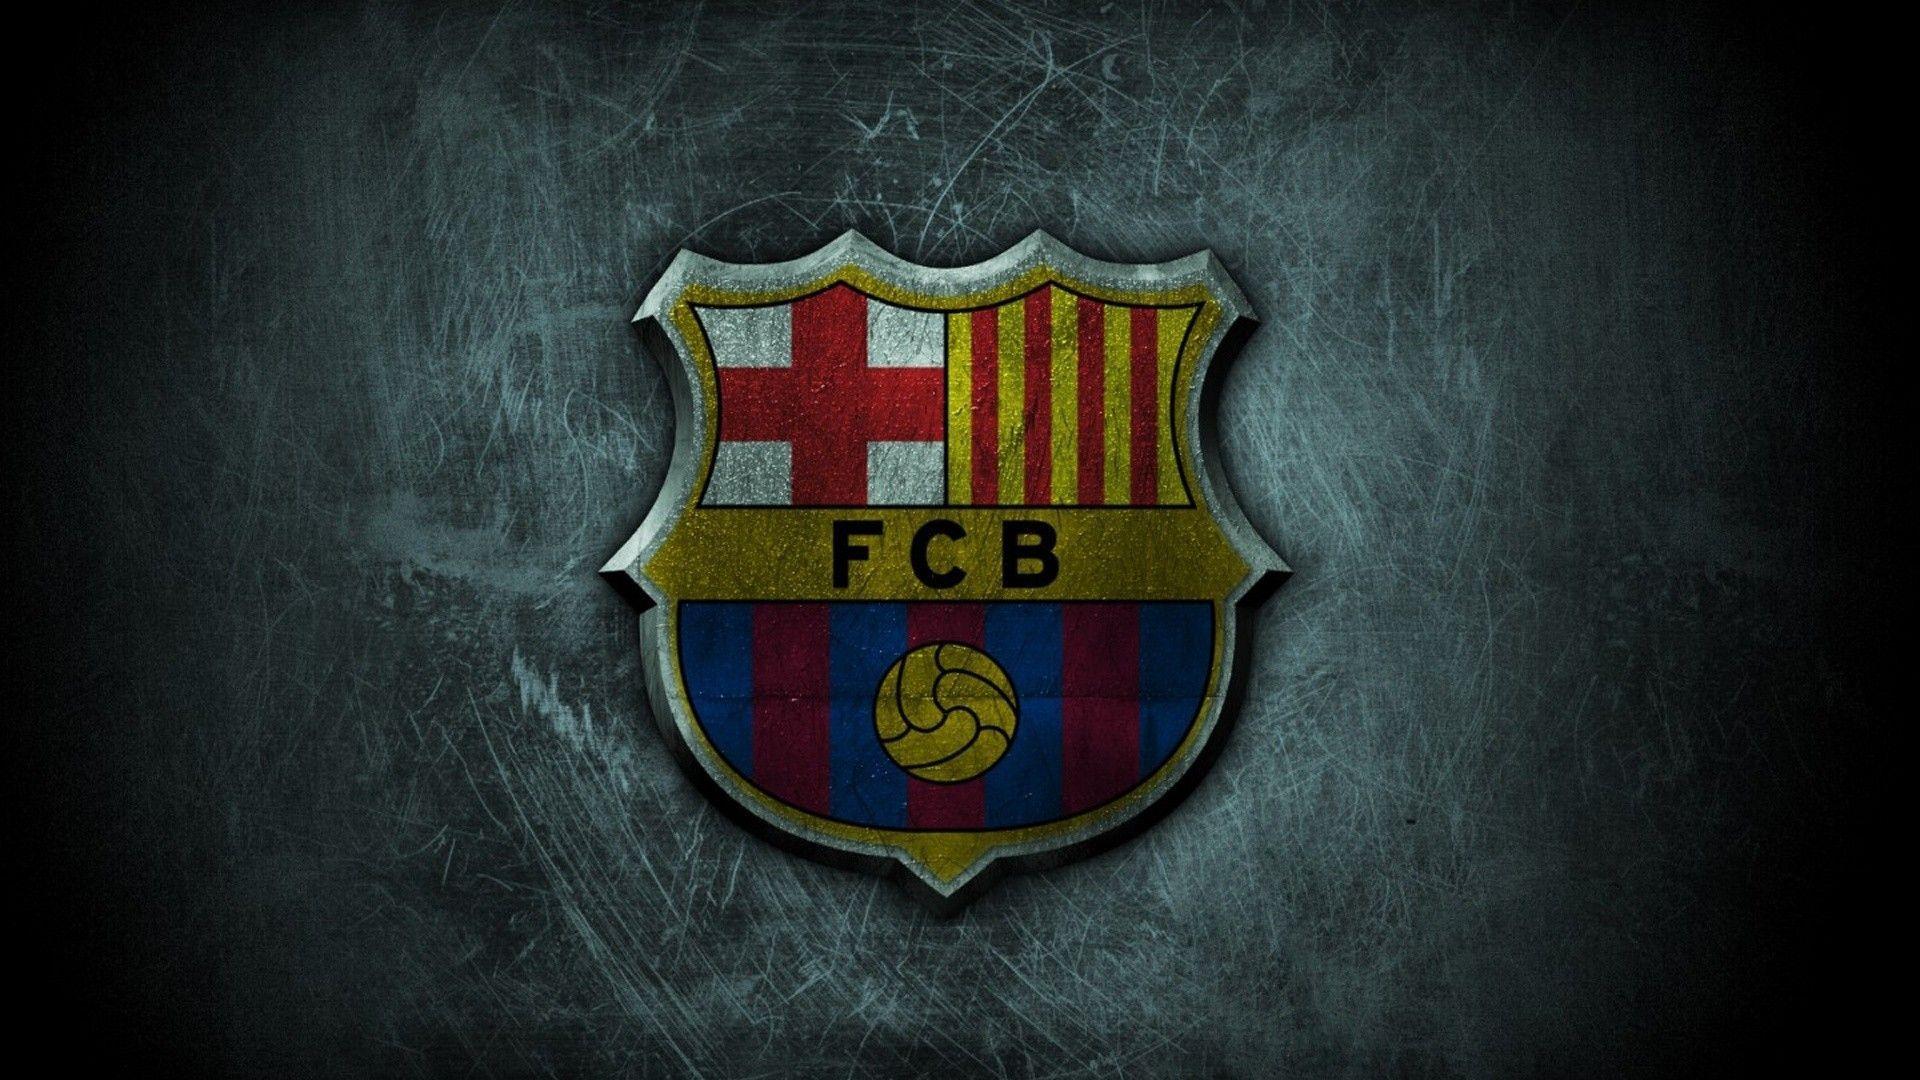 Good Wallpaper Logo Messi - c65a2e47651c661da2818cc0e8ceb0a2  Snapshot_35270.jpg